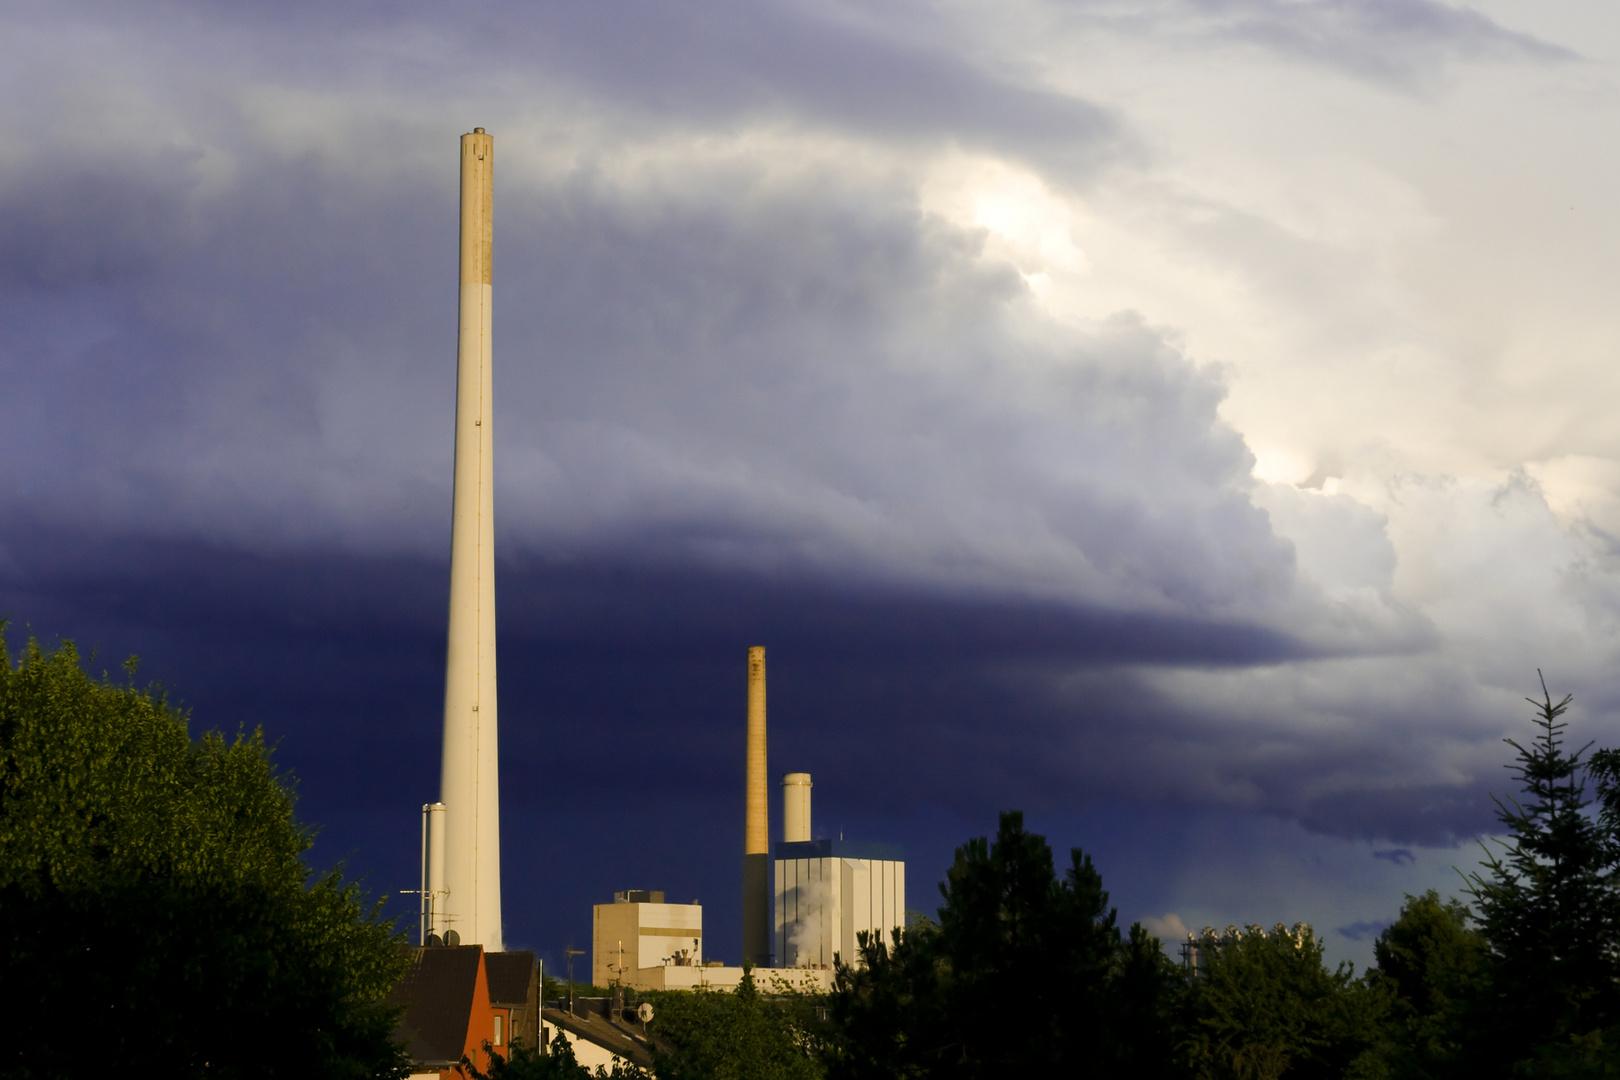 Heizkraftwerk Merkenich II